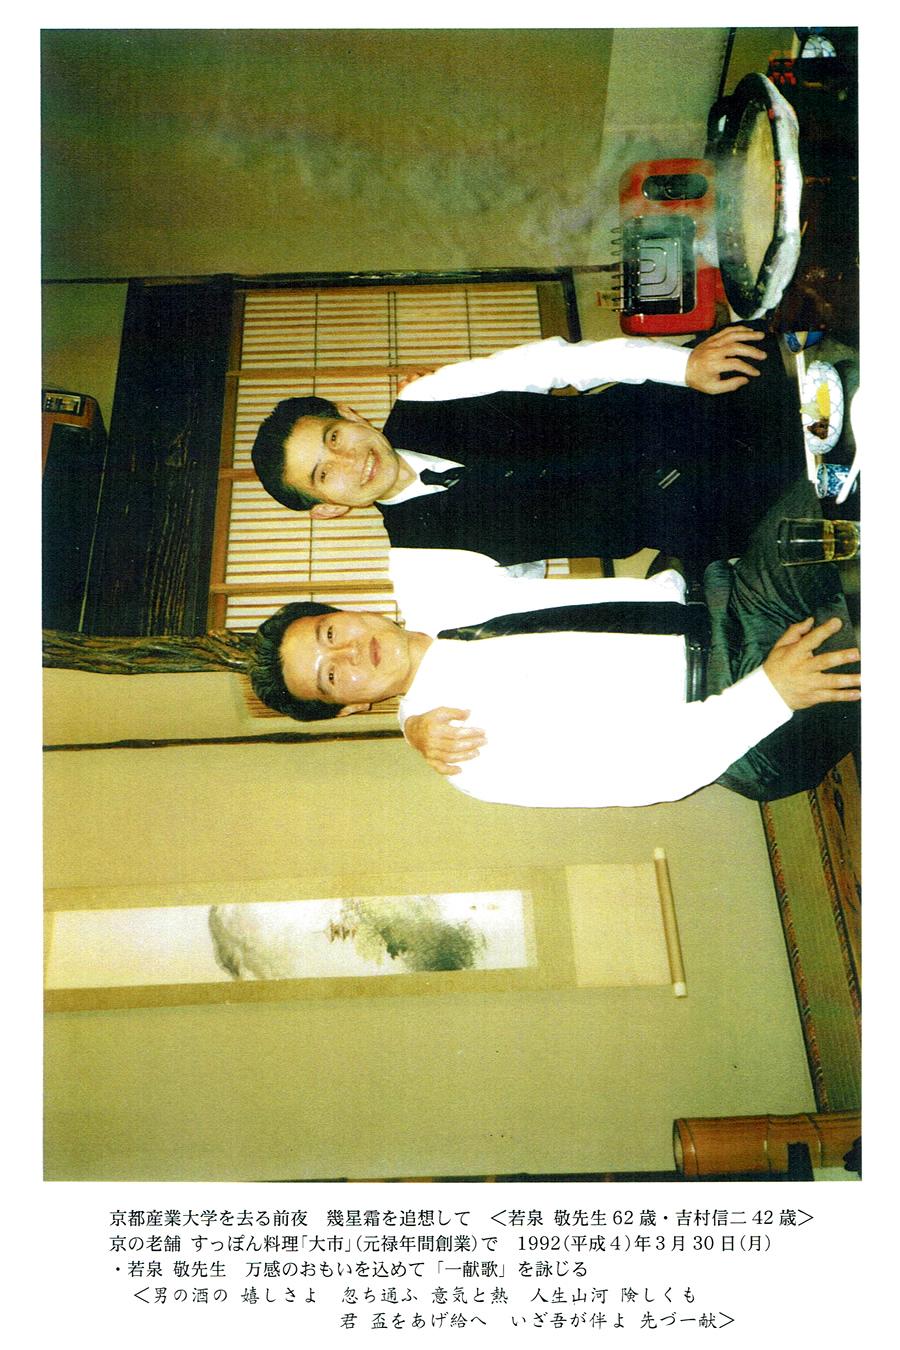 京都産業大学を去る前夜 幾星霜を追想して<若泉 敬先生62歳・吉村信二42歳>